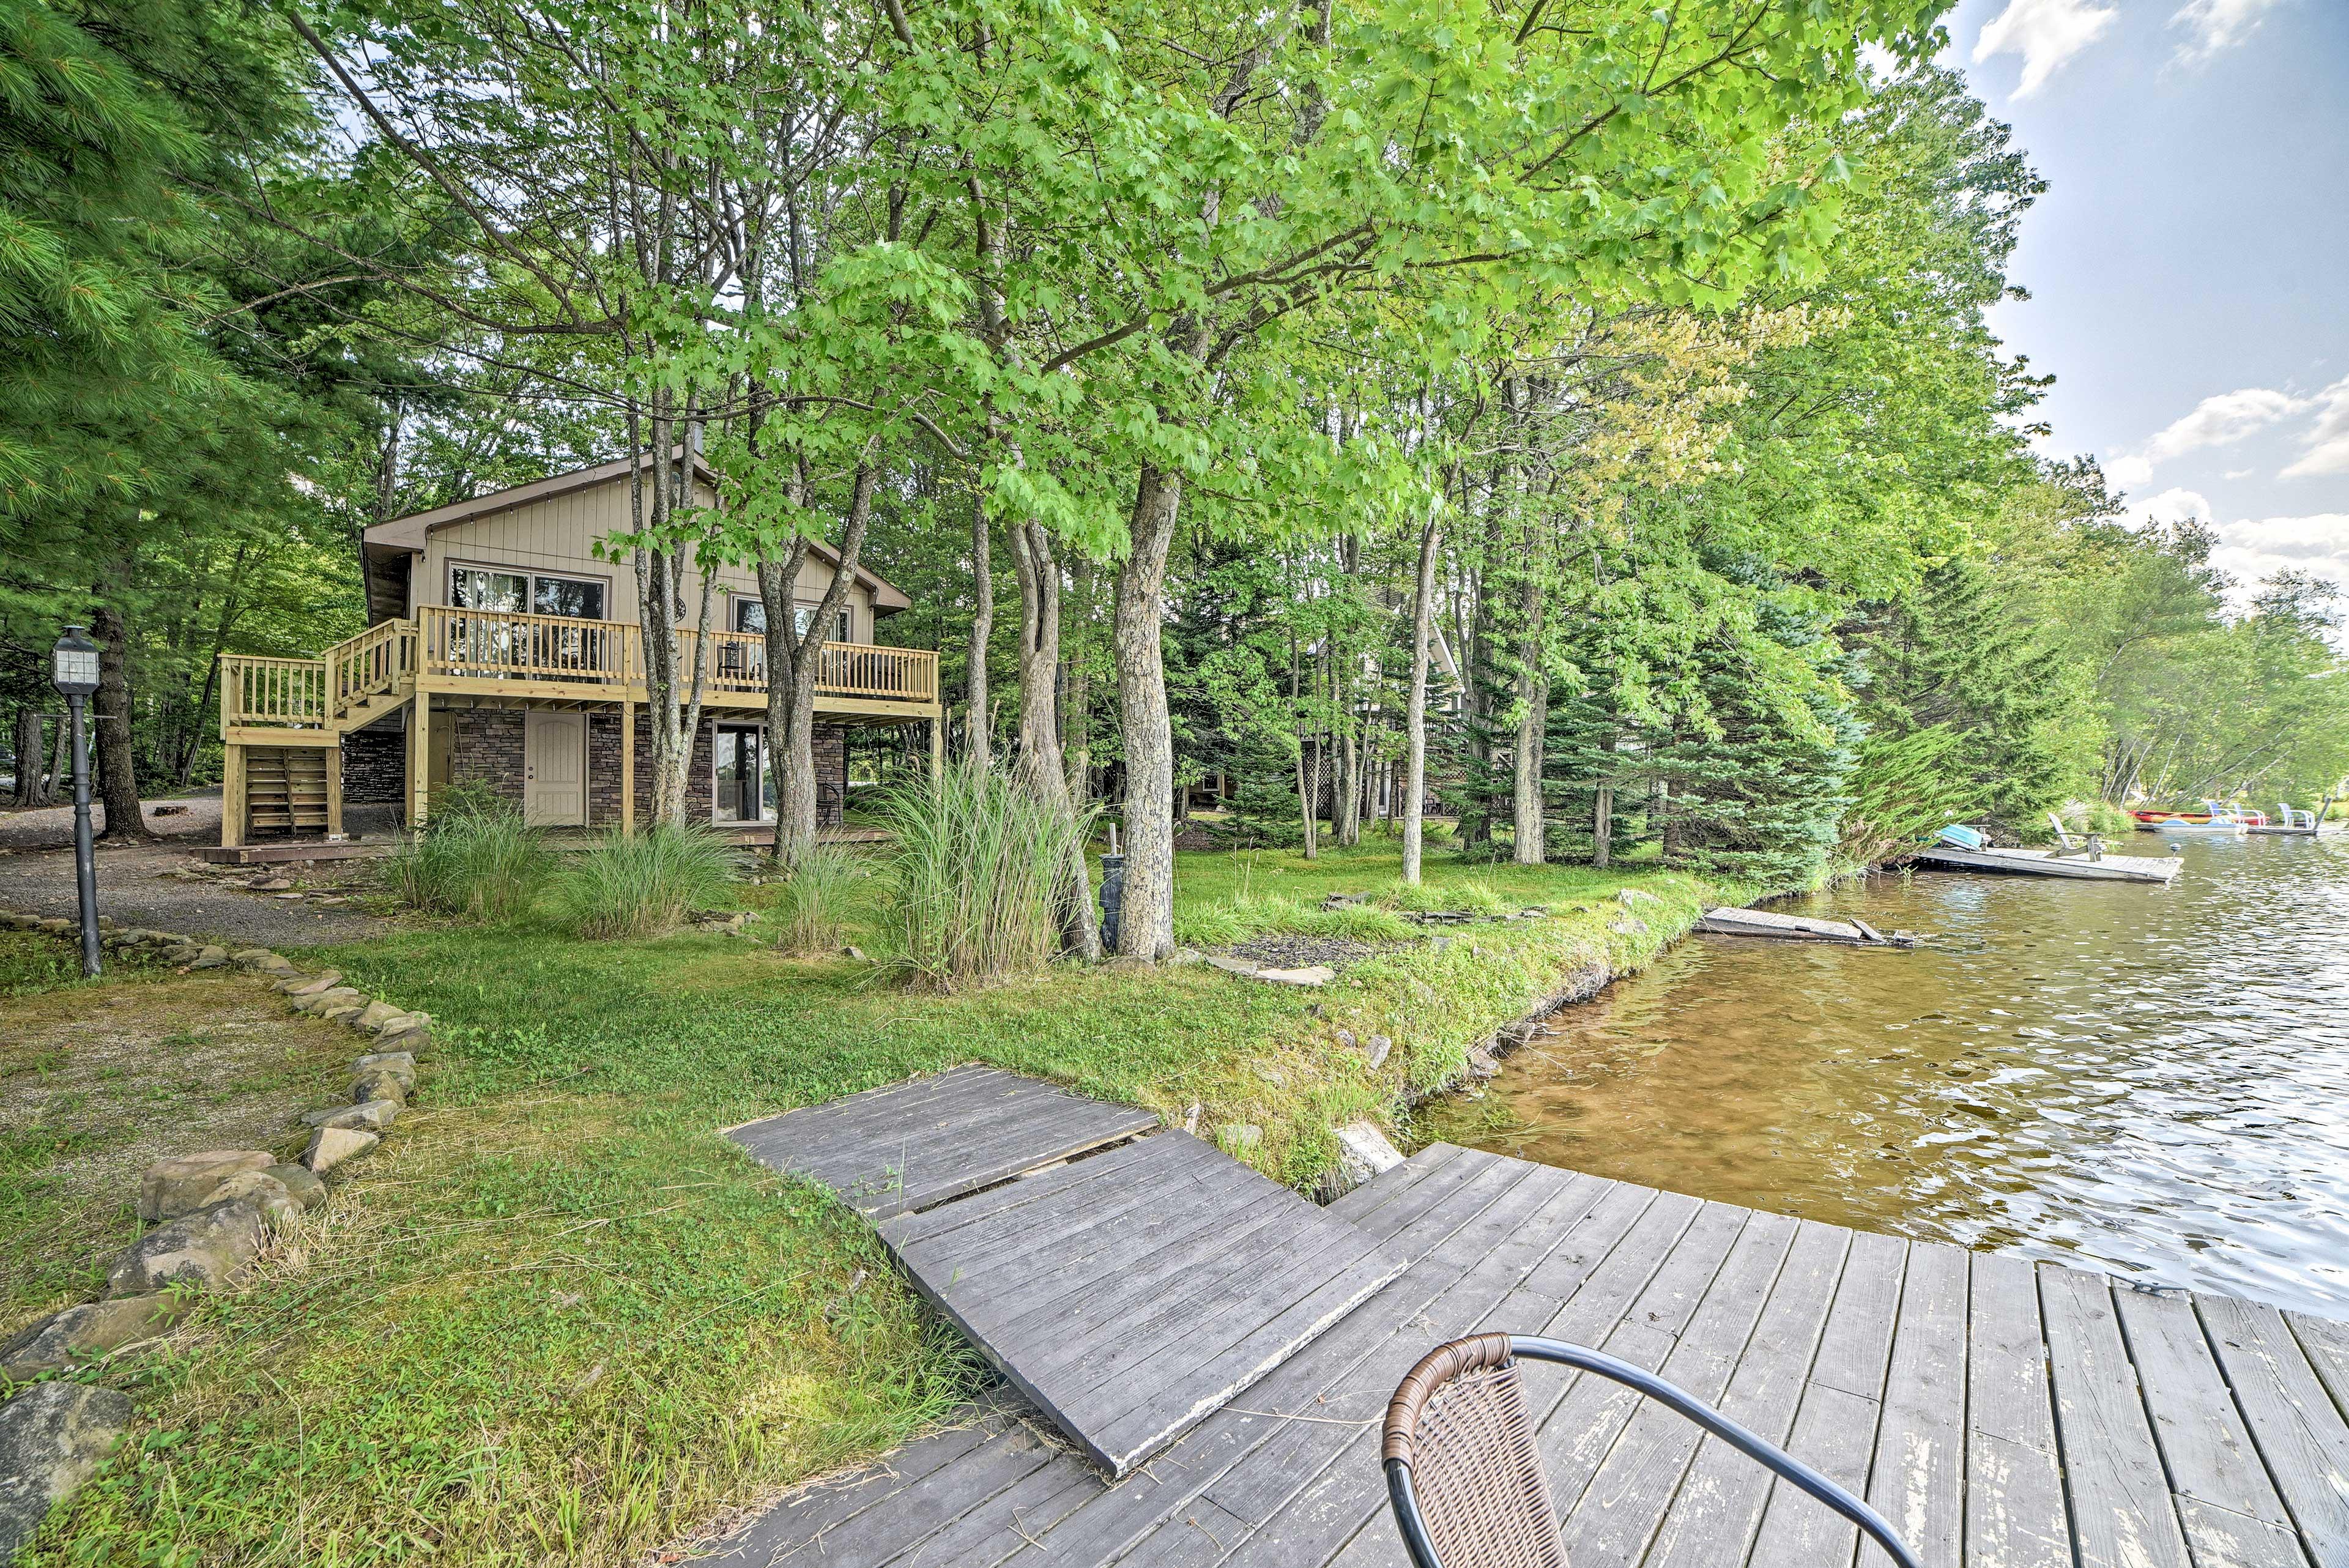 Pocono Lake Vacation Rental | 3BR | 2.5BA | 1,724 Sq Ft | 2 Stories